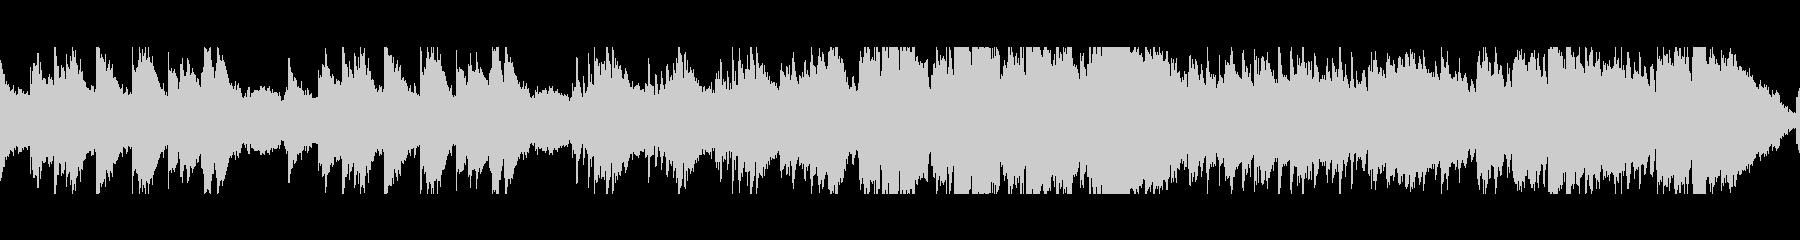 穏やかなケルト曲(ループ)の未再生の波形